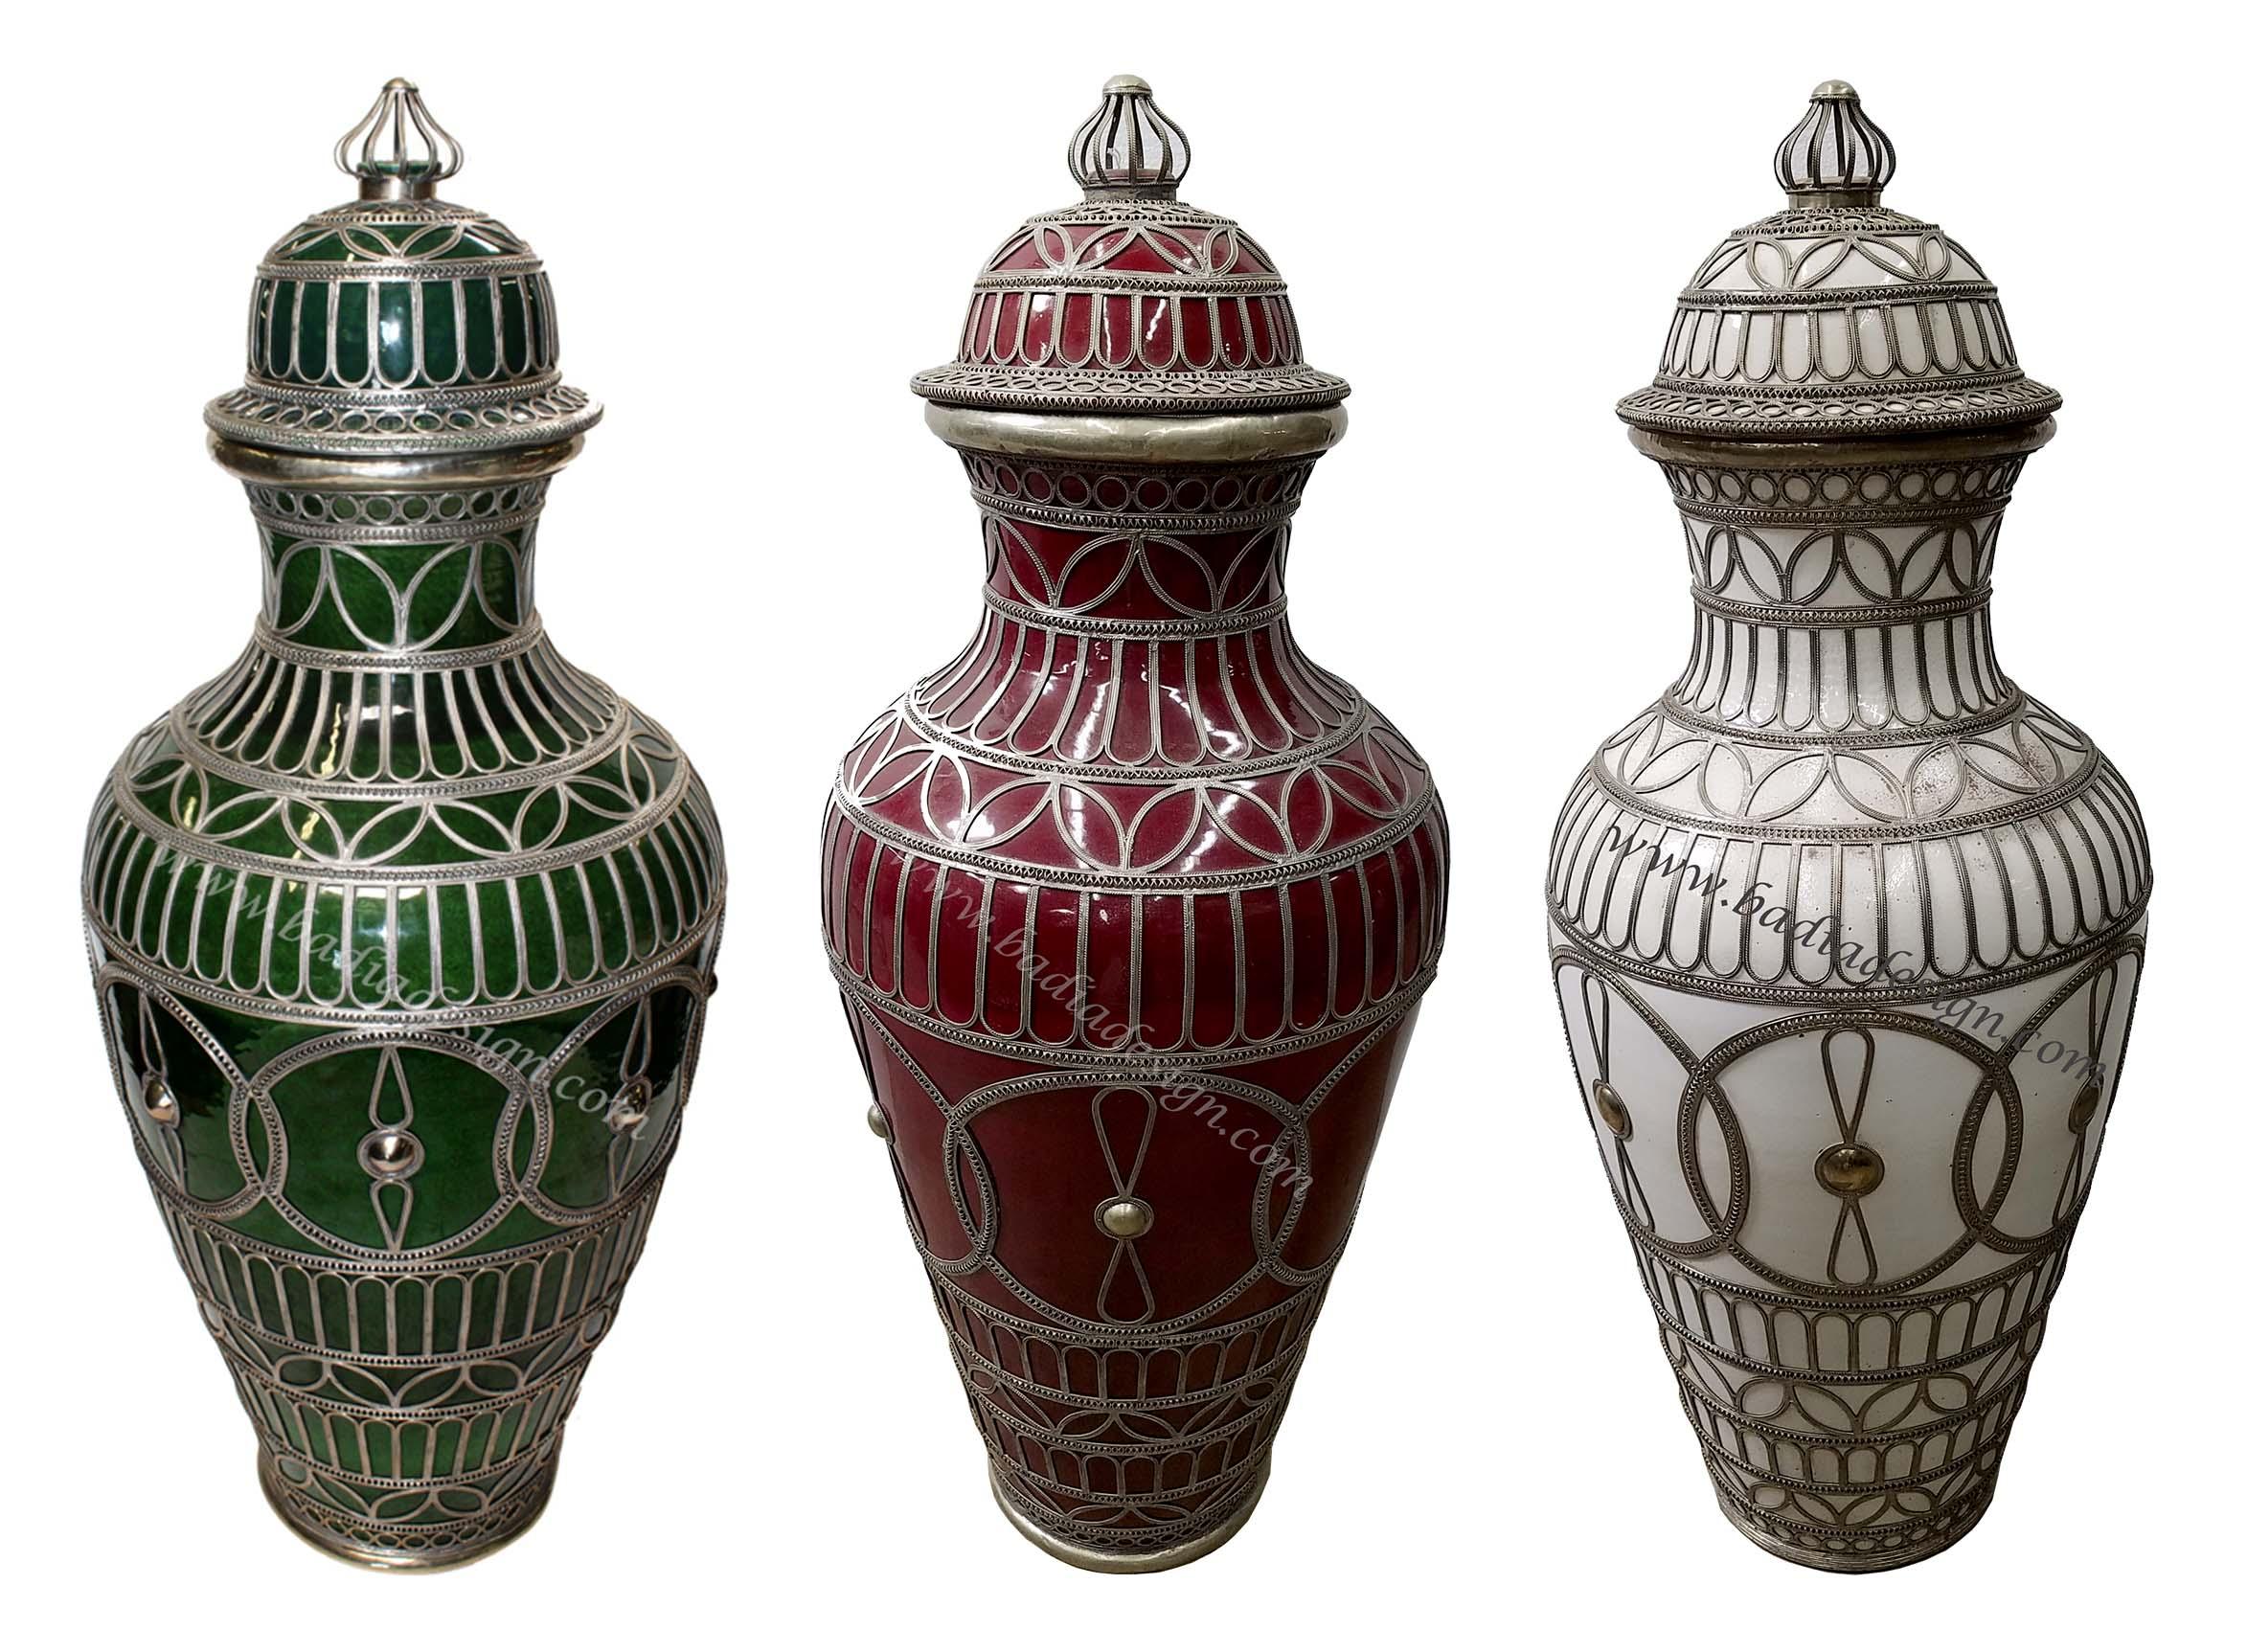 large-moroccan-metal-and-ceramic-urn-va015.jpg